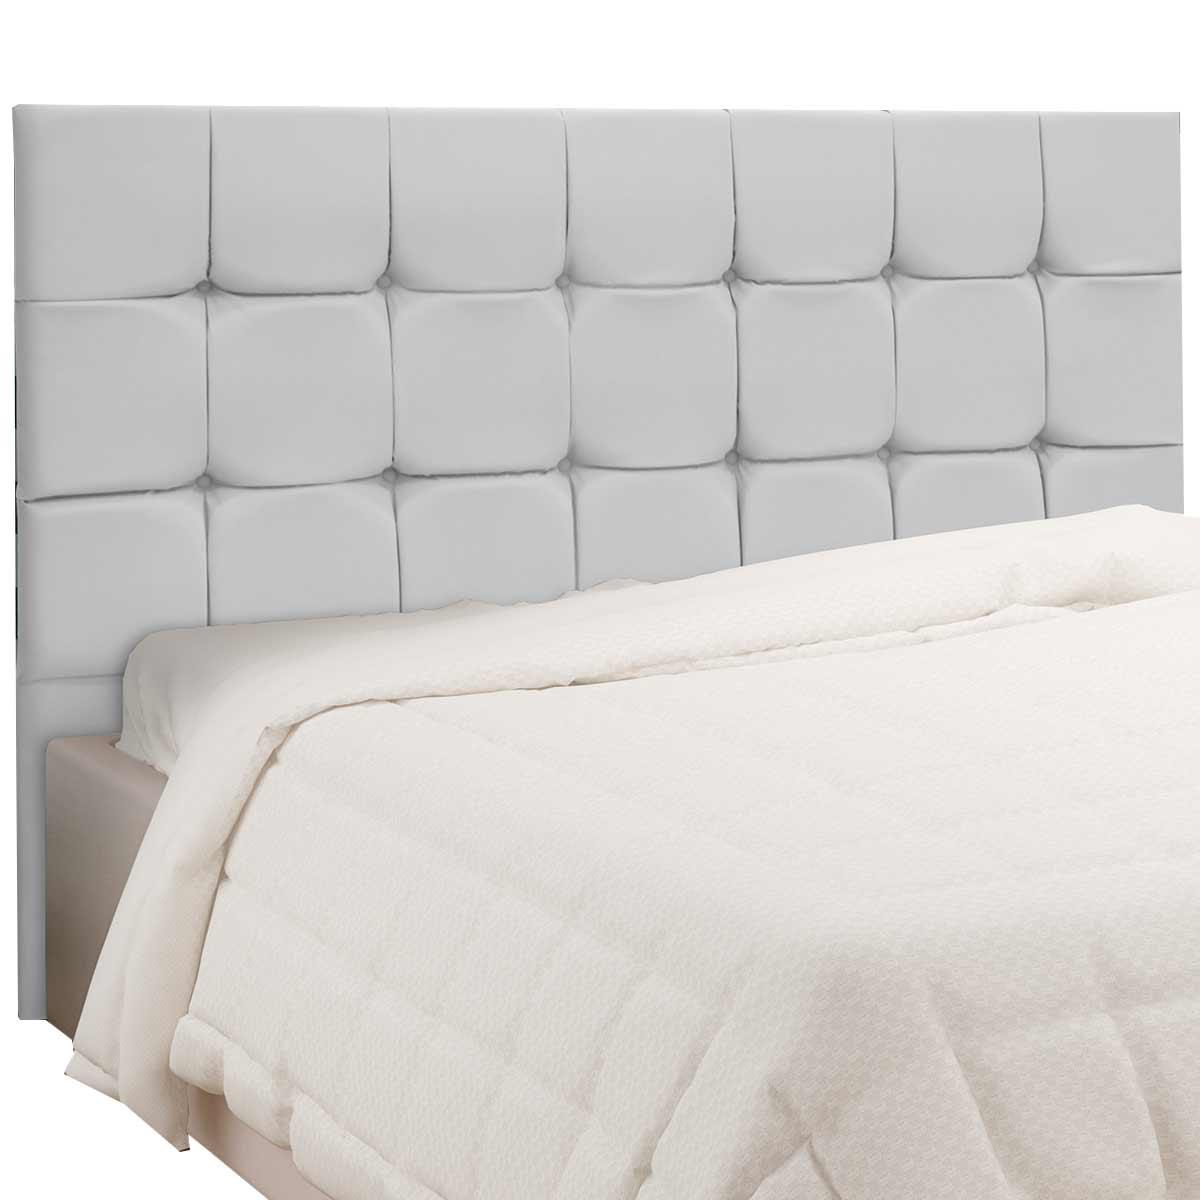 Cabeceira Casal Estofada Slim 140 cm CouroRios Branco Simbal